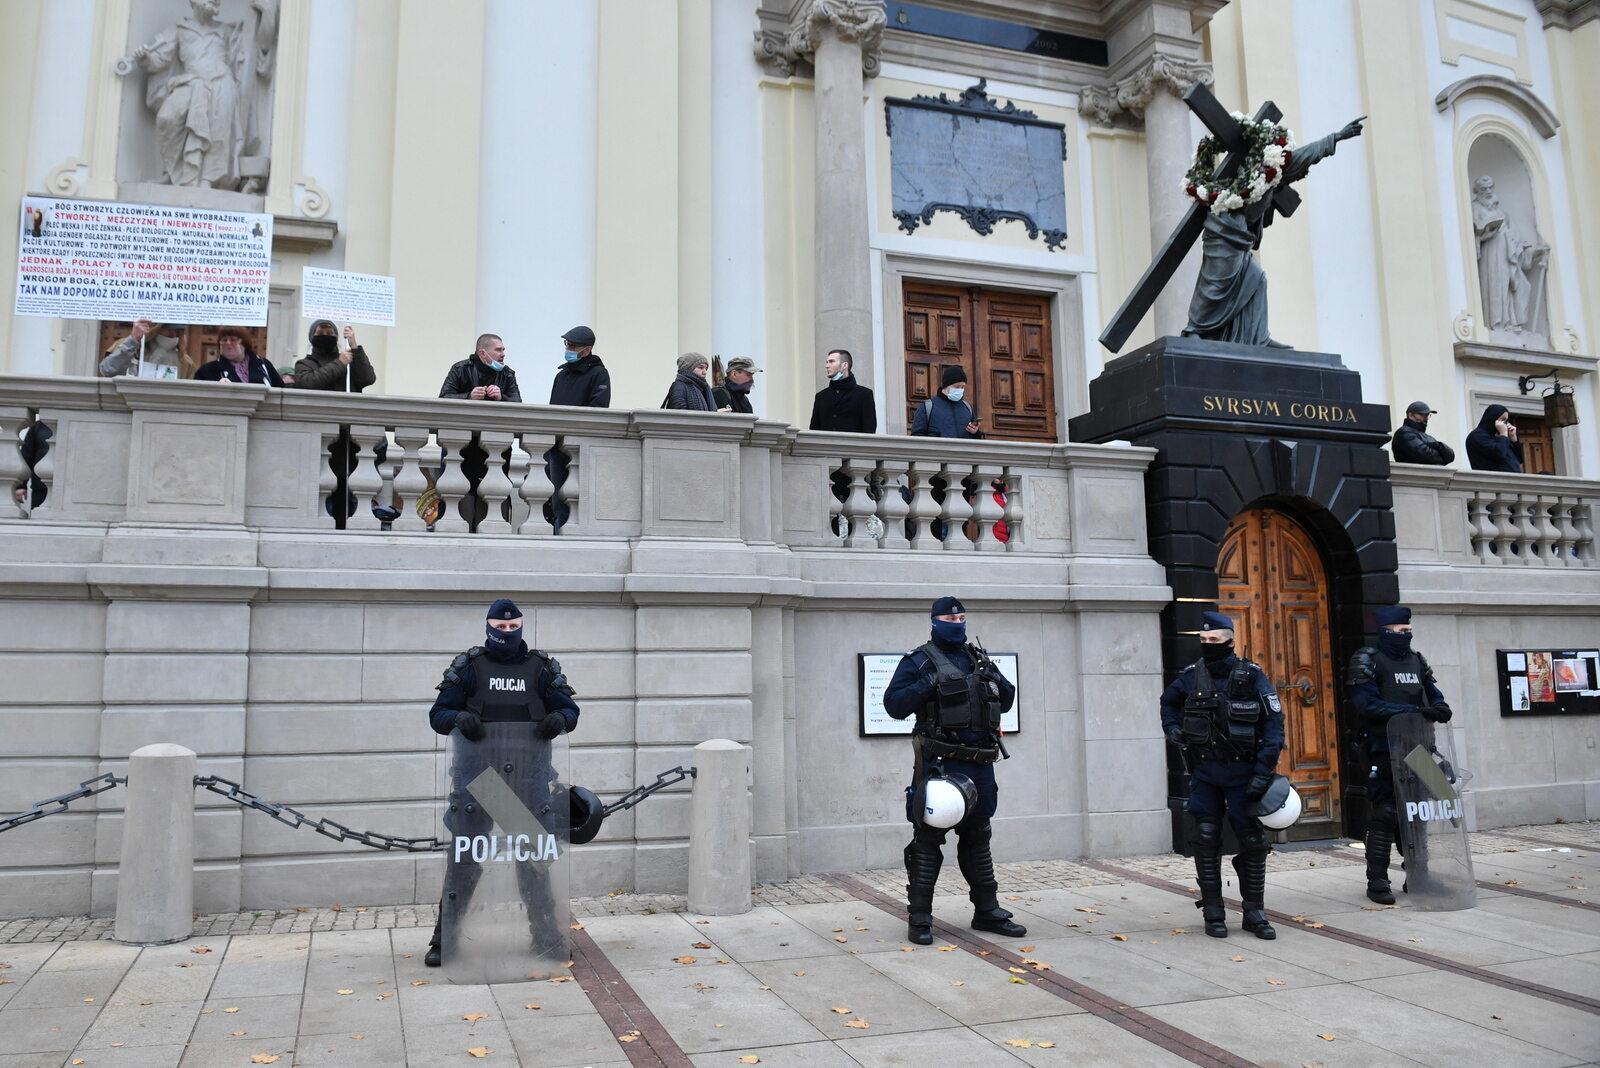 Policja przed kościołem św. Krzyża na Krakowskim Przedmieściu w Warszawie